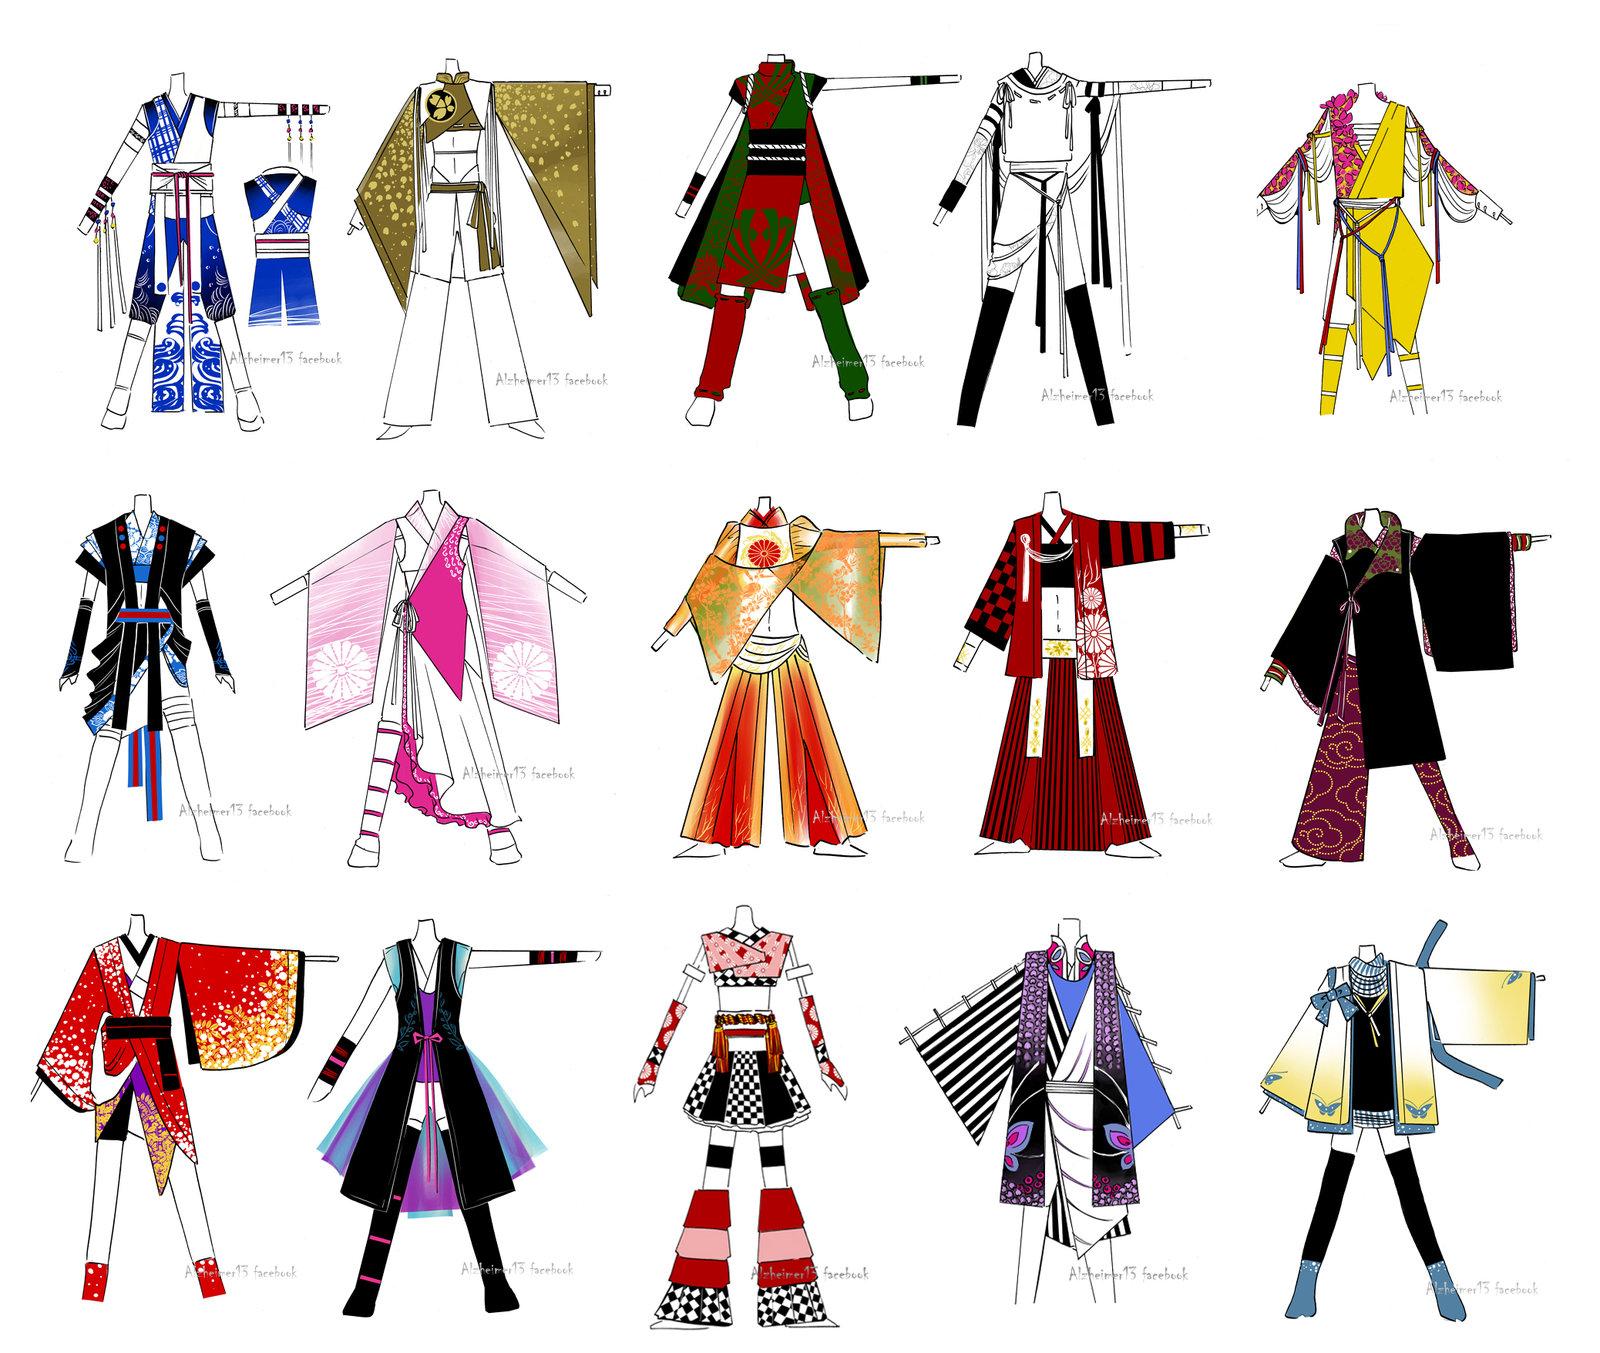 Yosakoi outfits design.